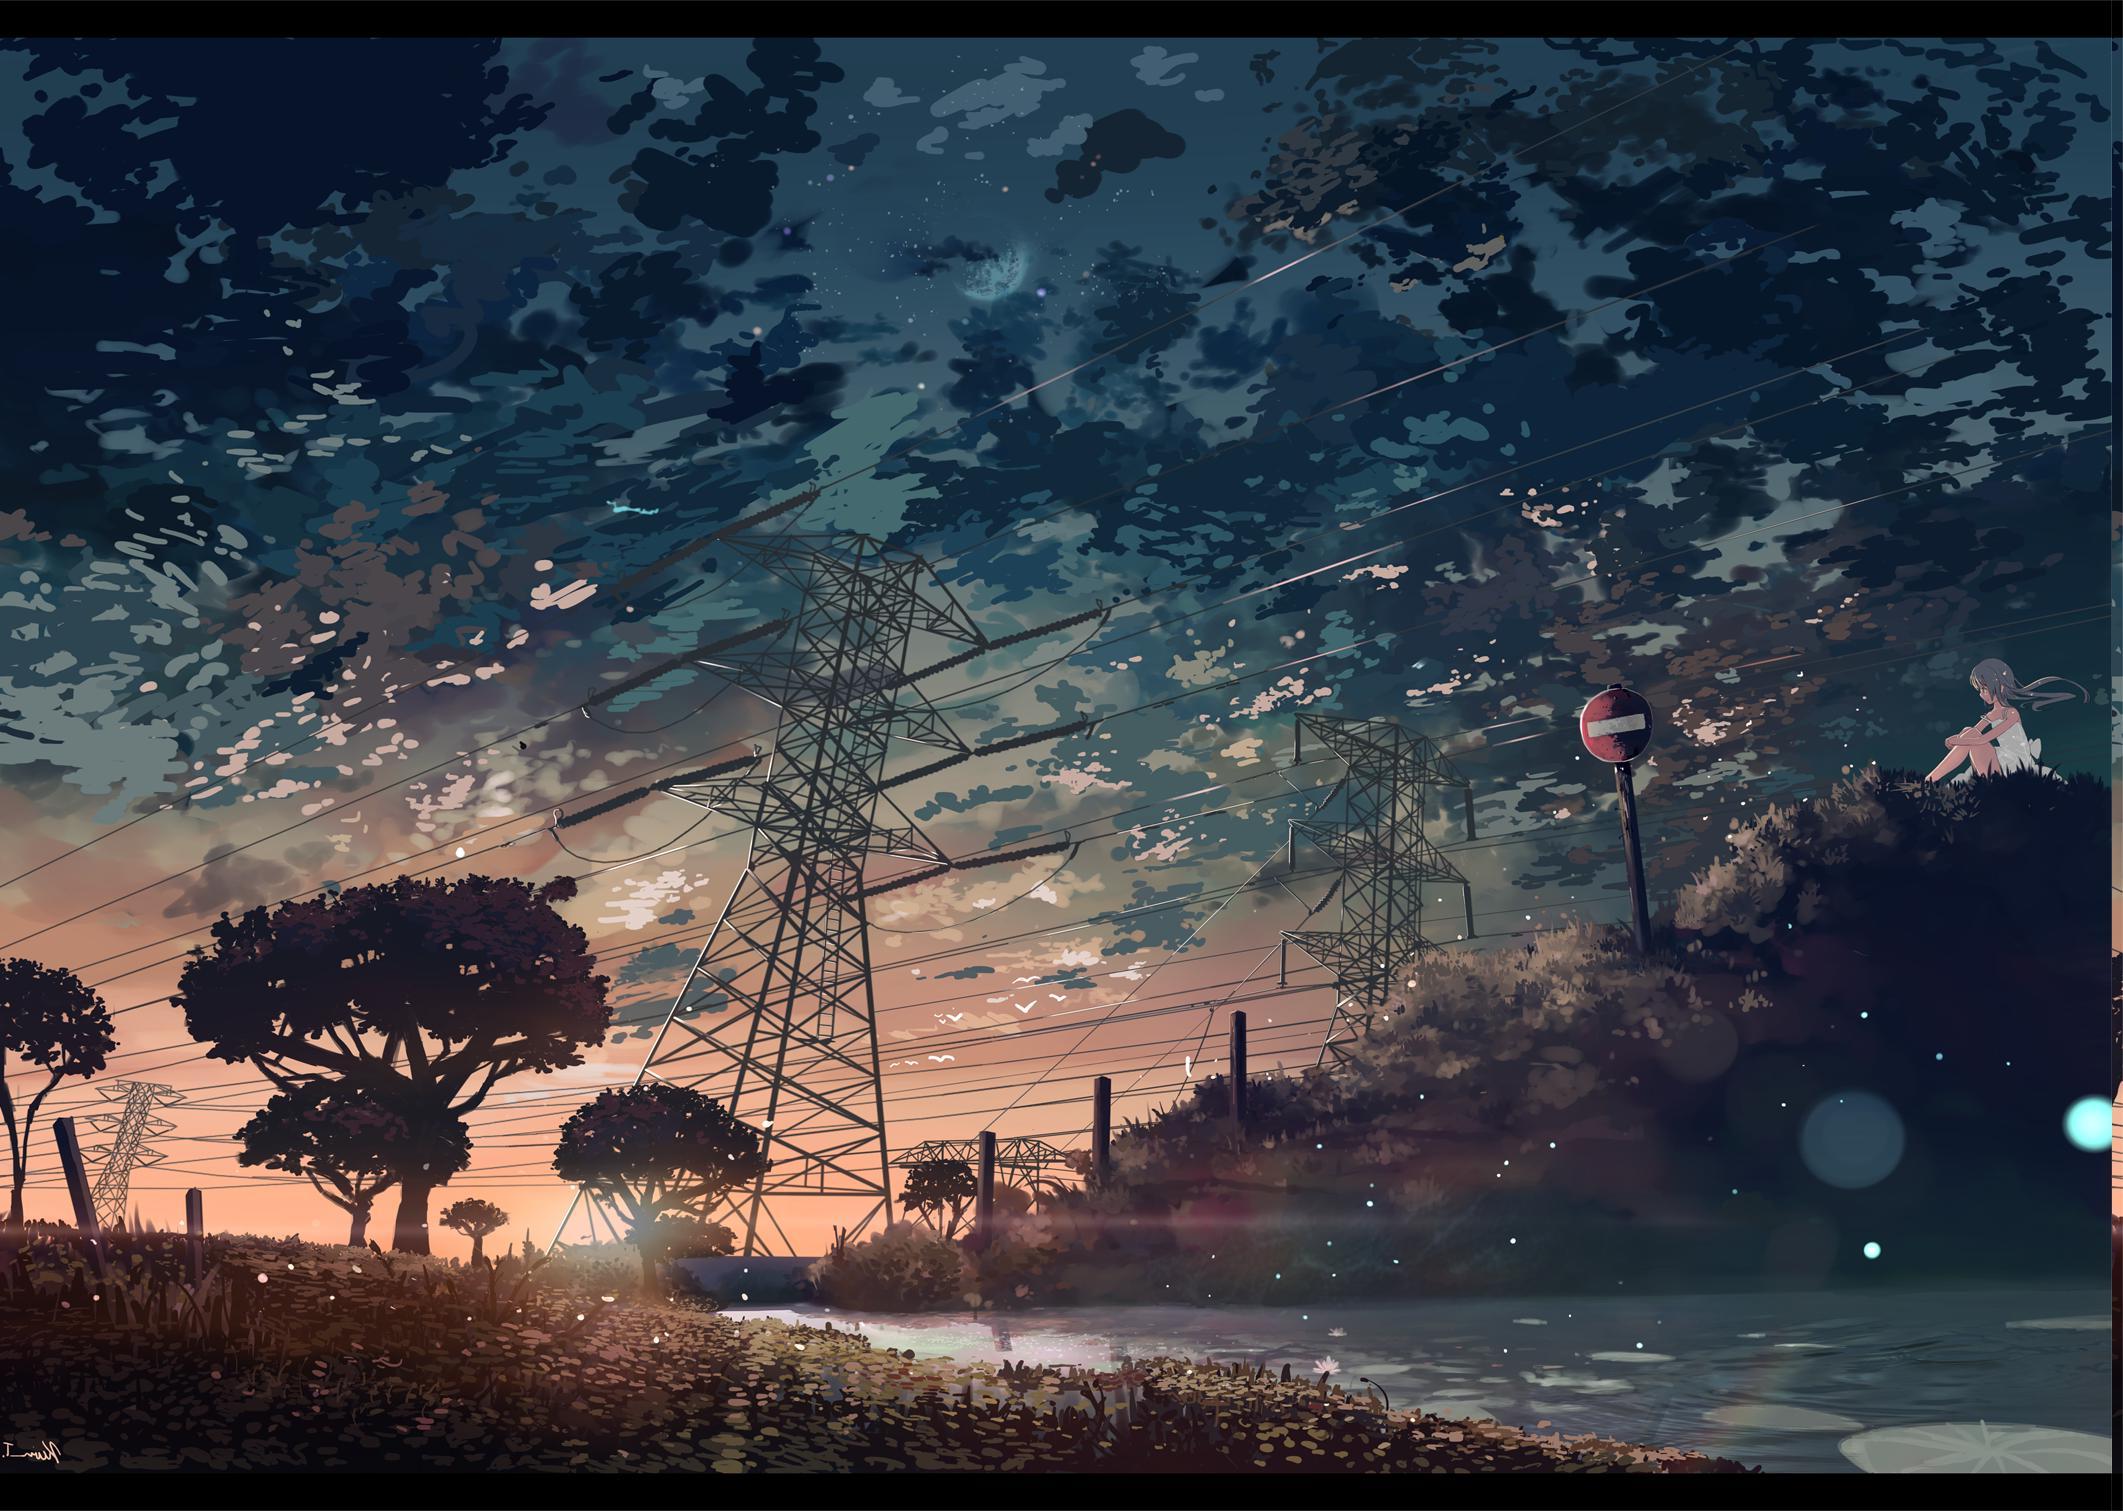 Mrsuicidesheep Wallpaper Fall Sfondi Luce Del Sole Paesaggio Tramonto Notte Anime